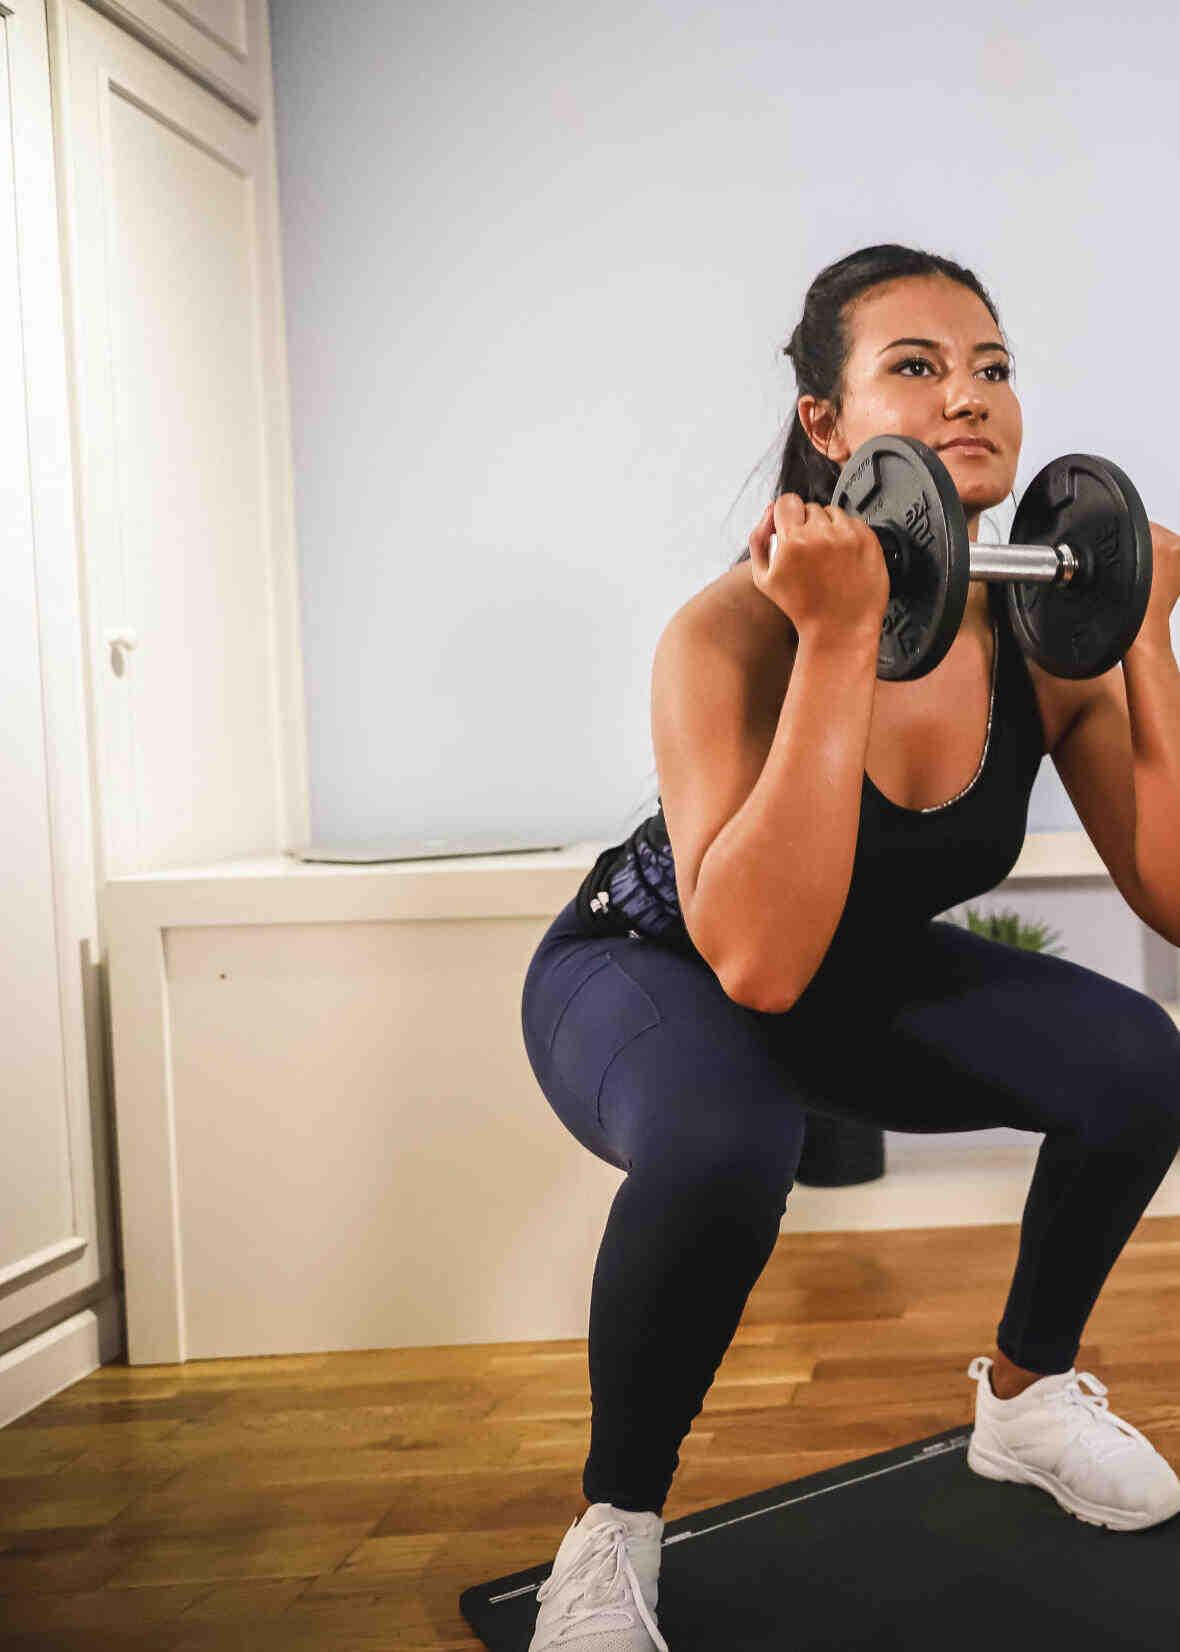 La musculation vous fera-t-elle perdre du poids?